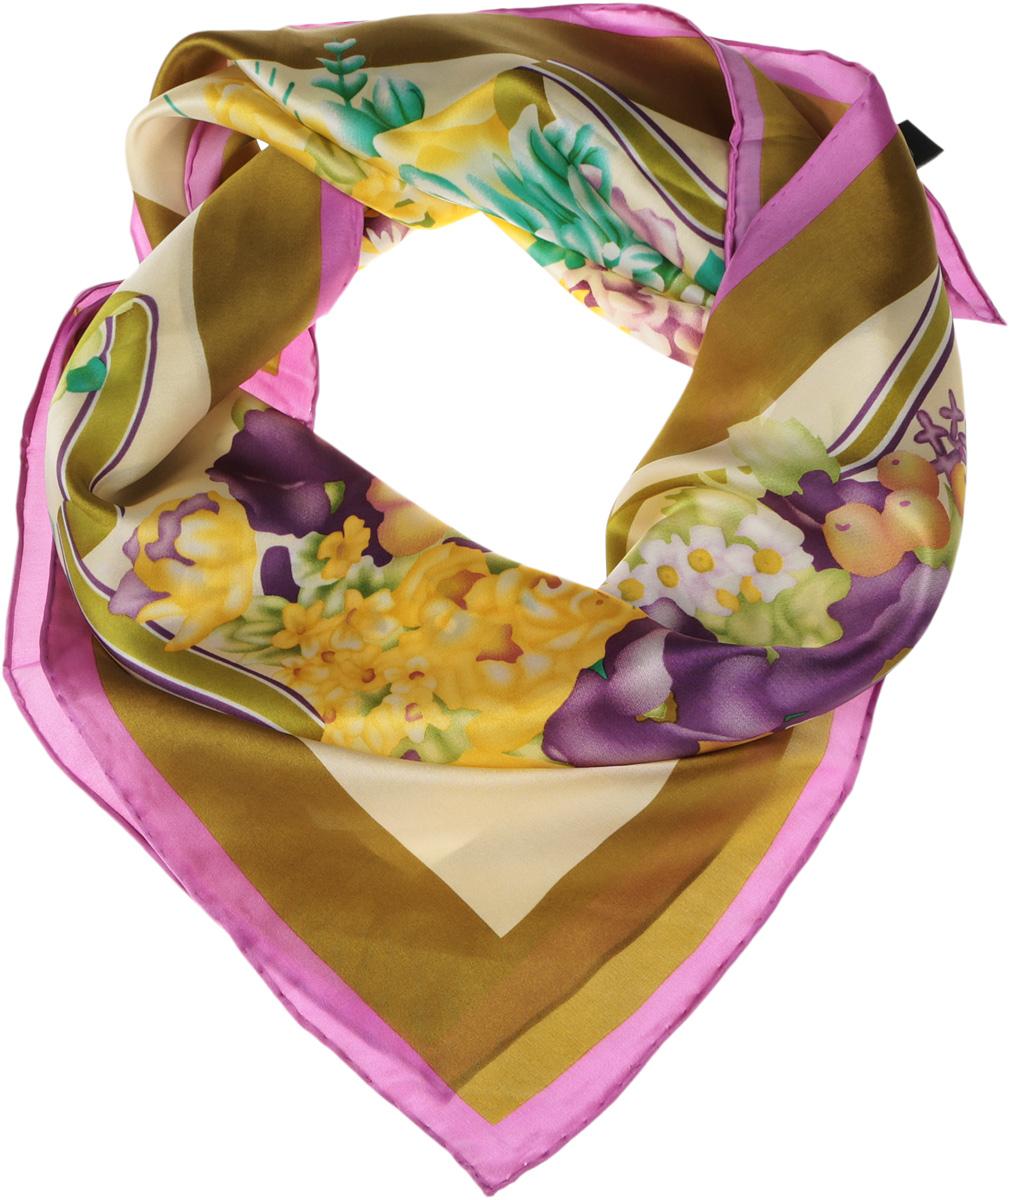 1801129-10Нежный шелковый платок Venera станет нарядным аксессуаром, который призван подчеркнуть индивидуальность и очарование женщины. Оригинальный красочный дизайн полотна добавит изысканности и привлечёт всеобщее внимание. Края платка качественно обработаны вручную. Этот модный аксессуар женского гардероба гармонично дополнит образ современной женщины, следящей за своим имиджем и стремящейся всегда оставаться стильной и элегантной.